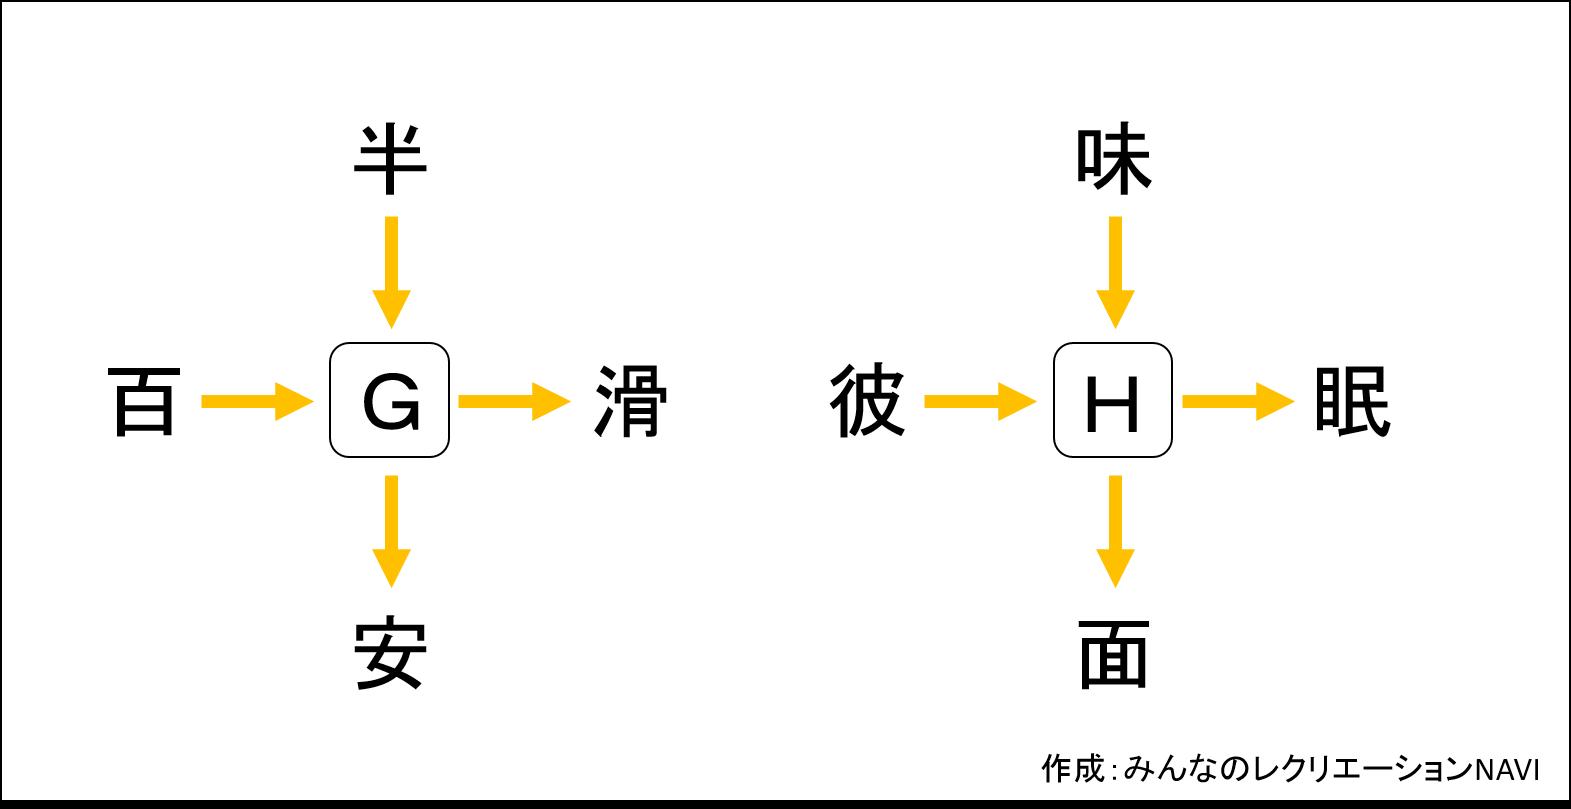 【高齢者向けクイズ】第二弾!!漢字穴埋め問題10問。熟語を完成させろ!